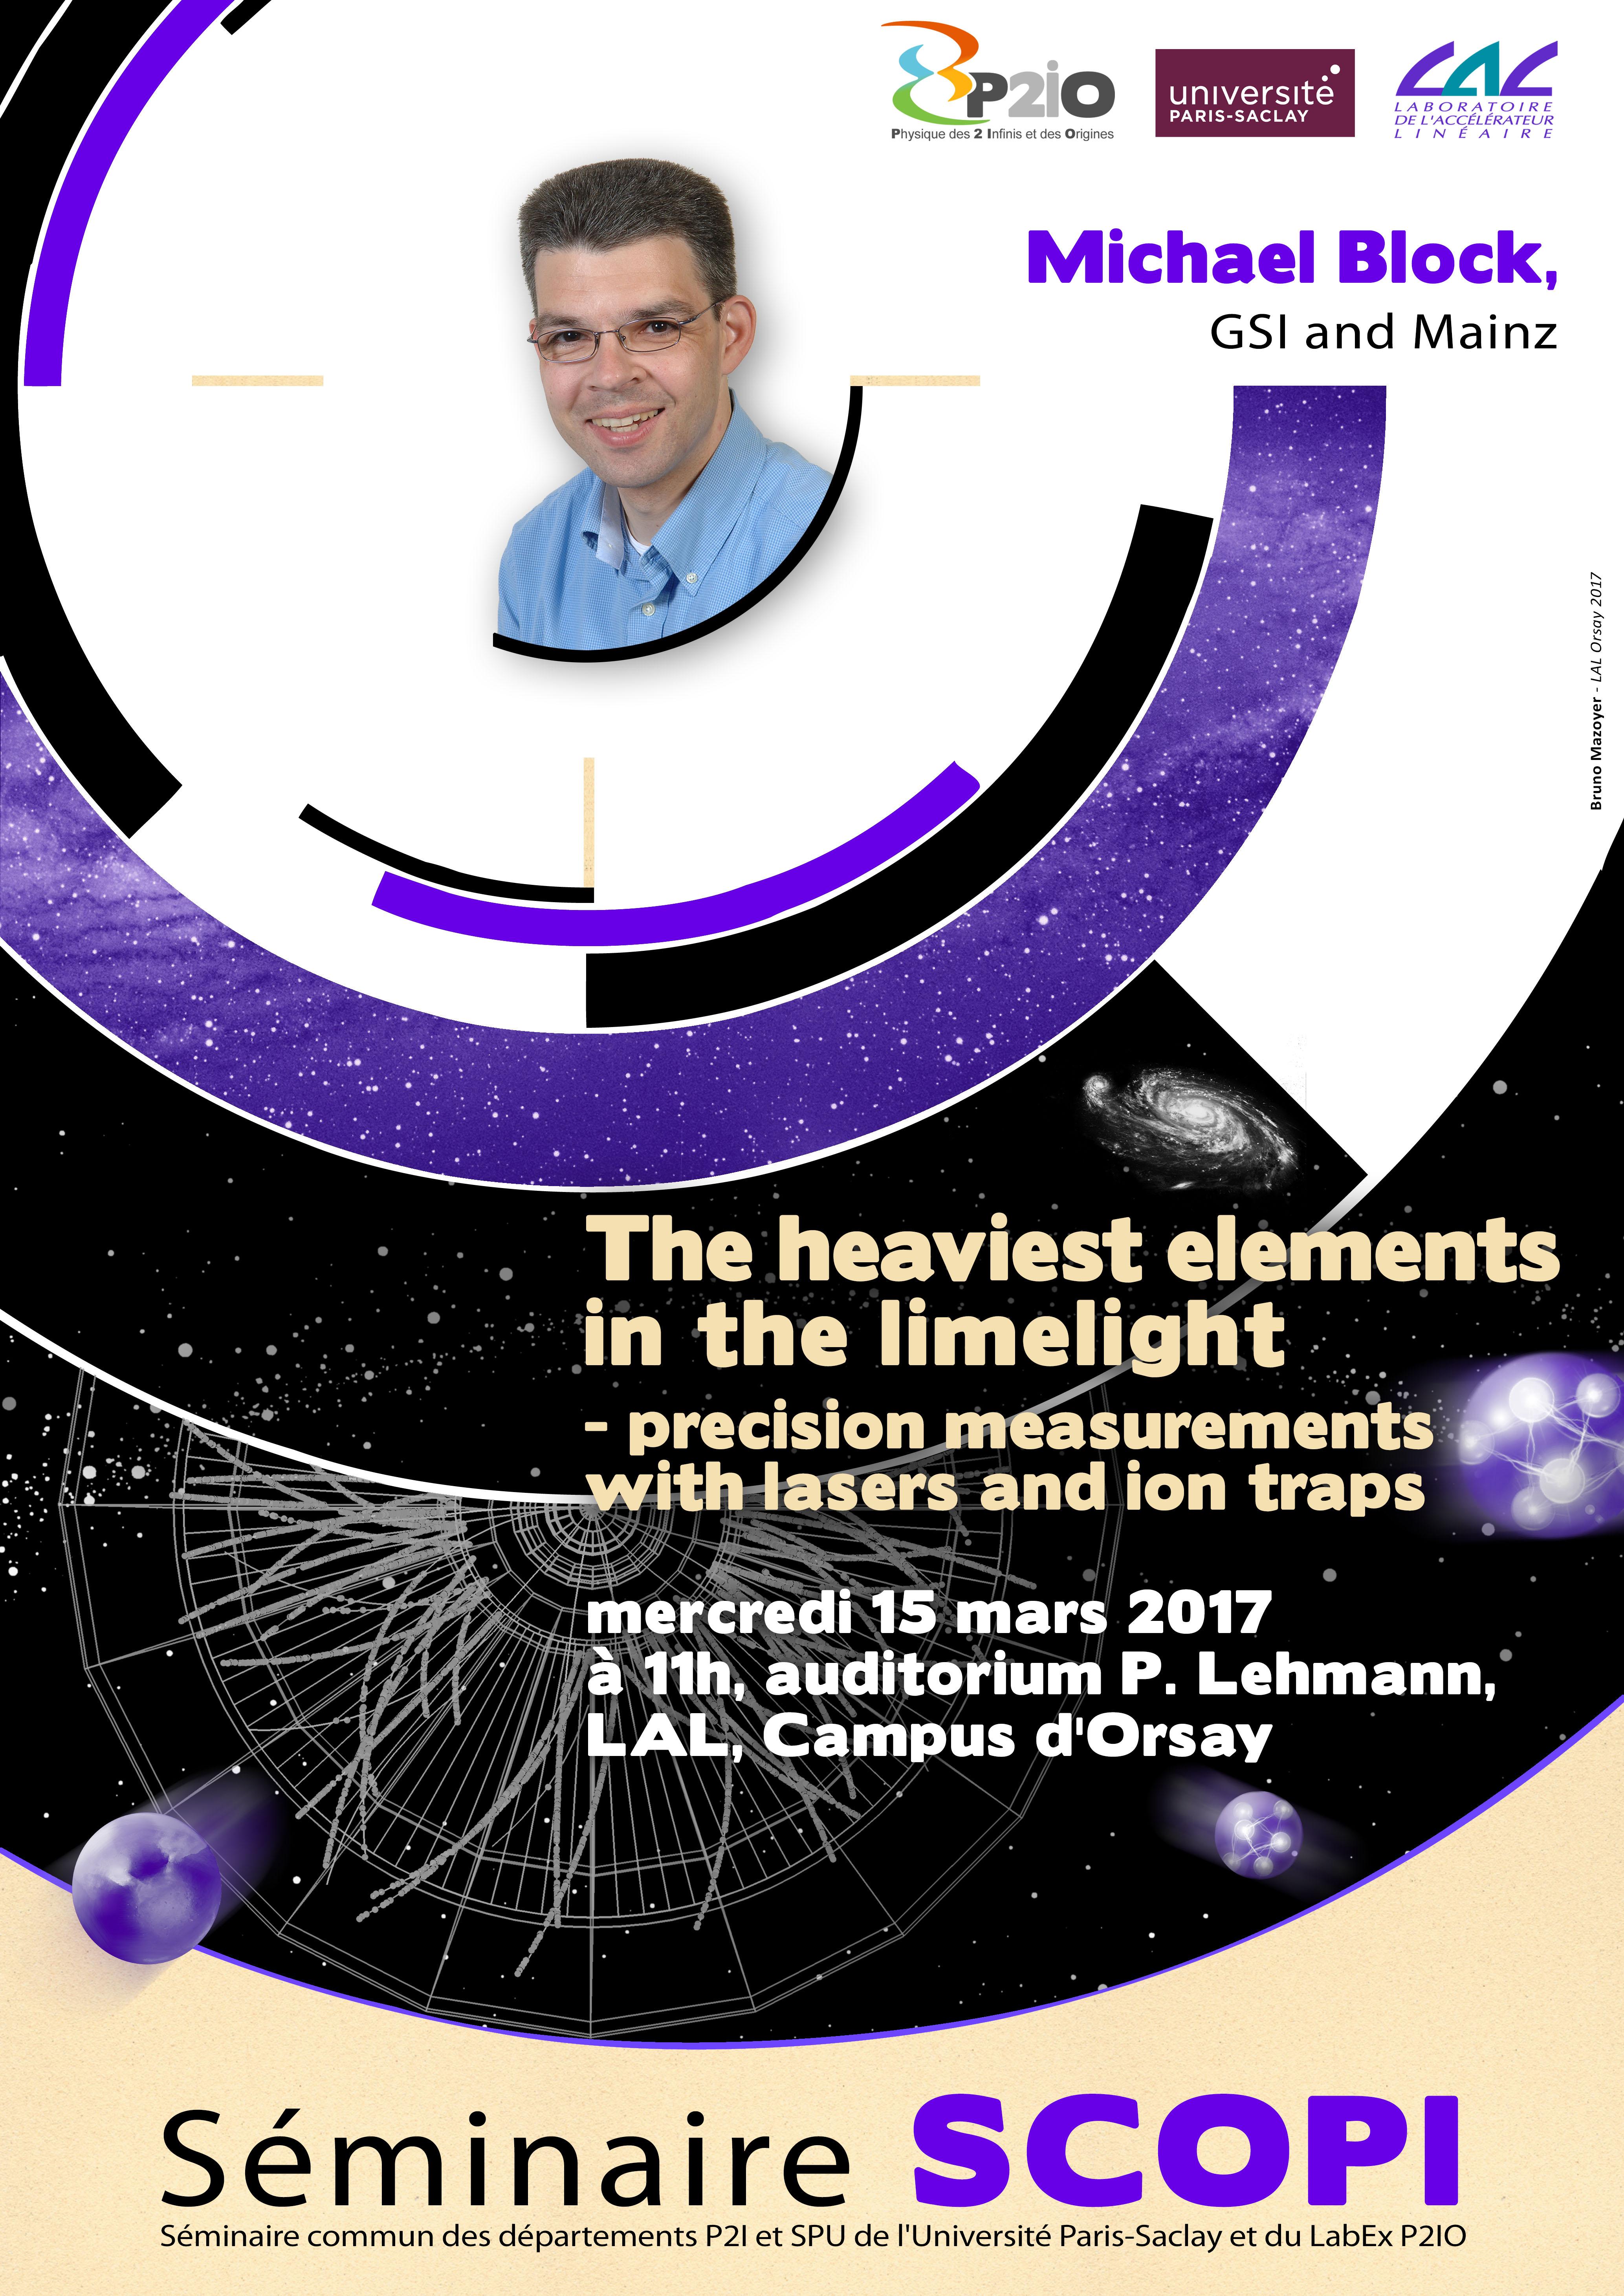 Prochain SCOPI mercredi 15 mars à 11h, Auditorium Pierre Lehmman (LAL, bâtiment 200) : The Heaviest Elements in the Limelight, Precision Measurements with Lasers and Ion Traps, par Michael Block (GSI et Helmholtz-Institut Mainz)